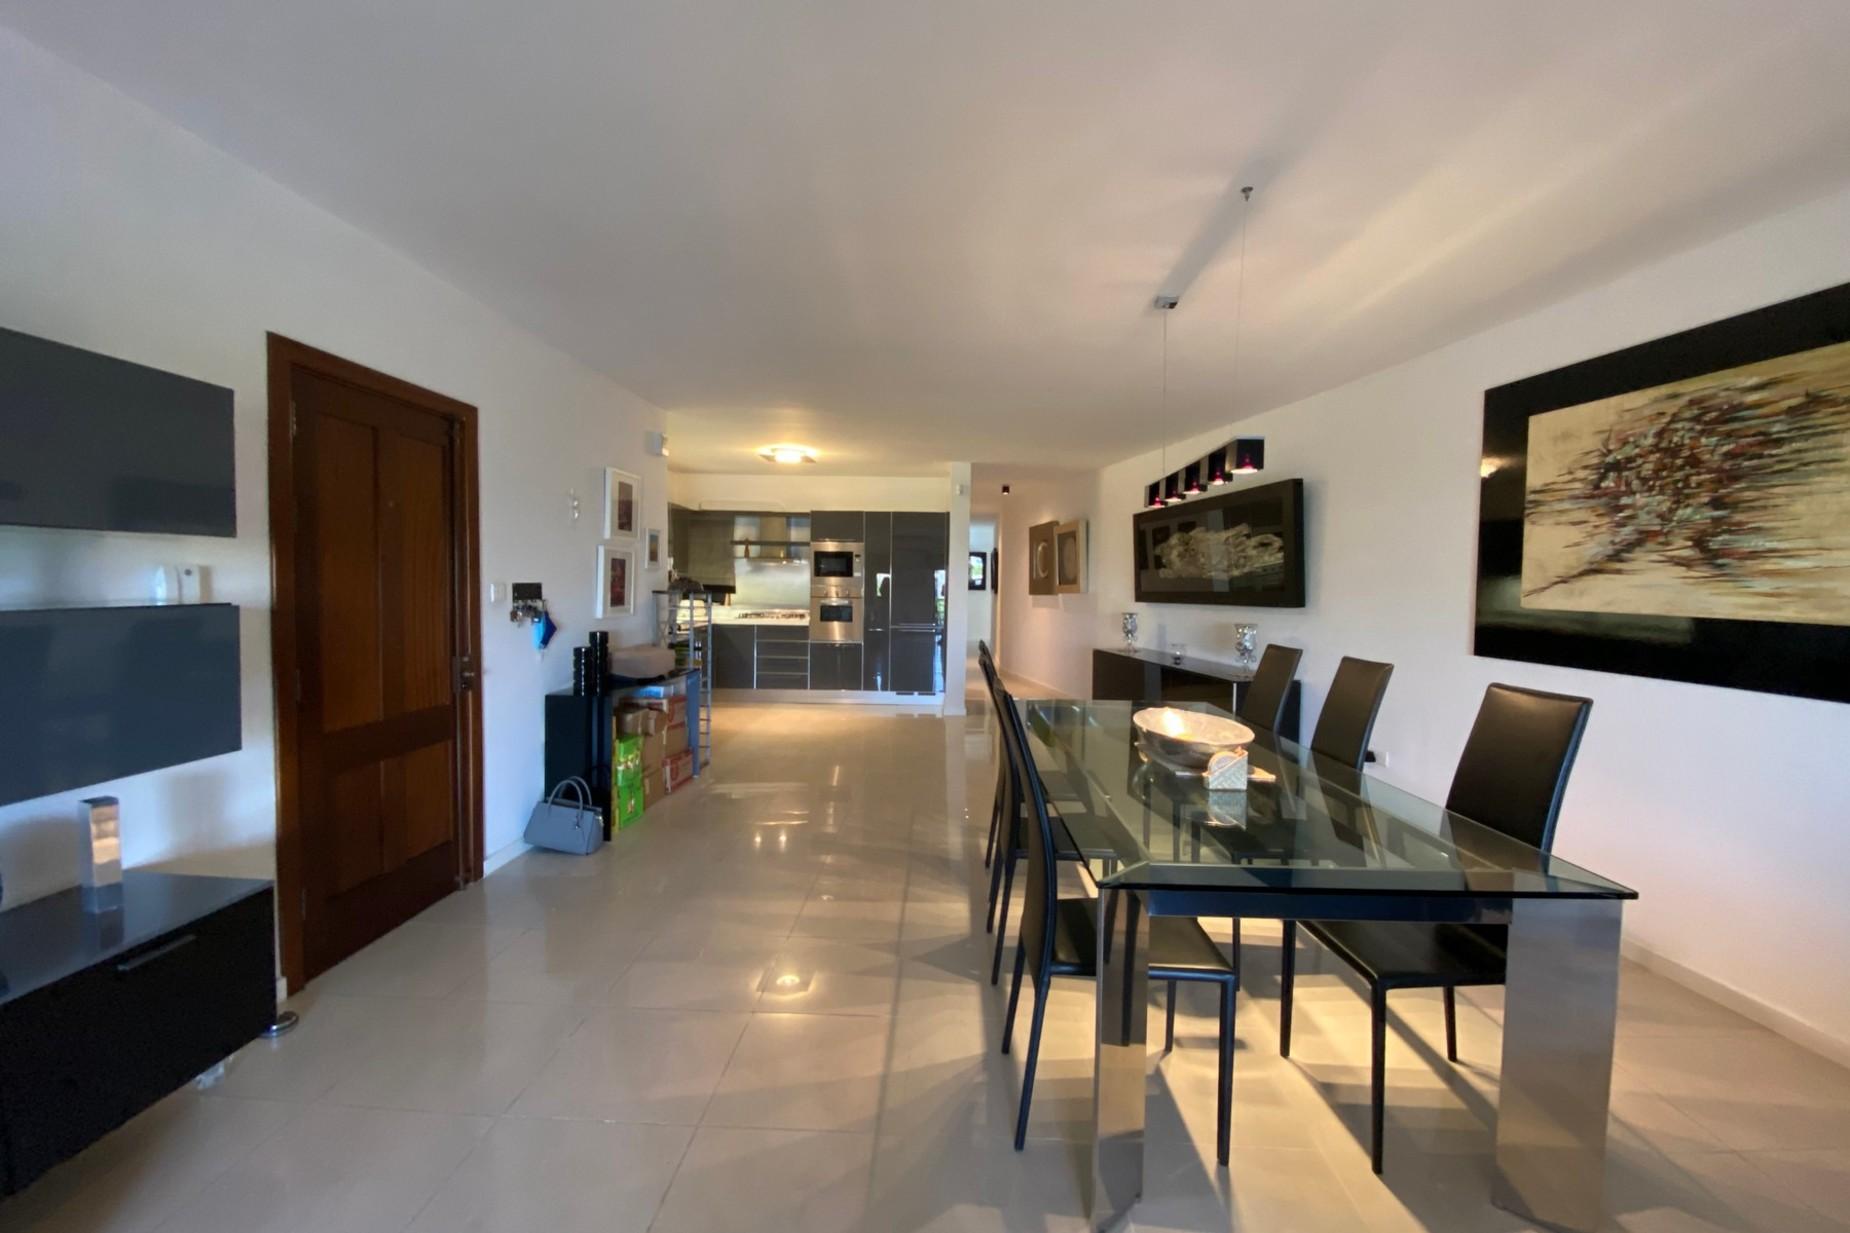 3 bed Apartment For Sale in Pieta, Pieta - thumb 10